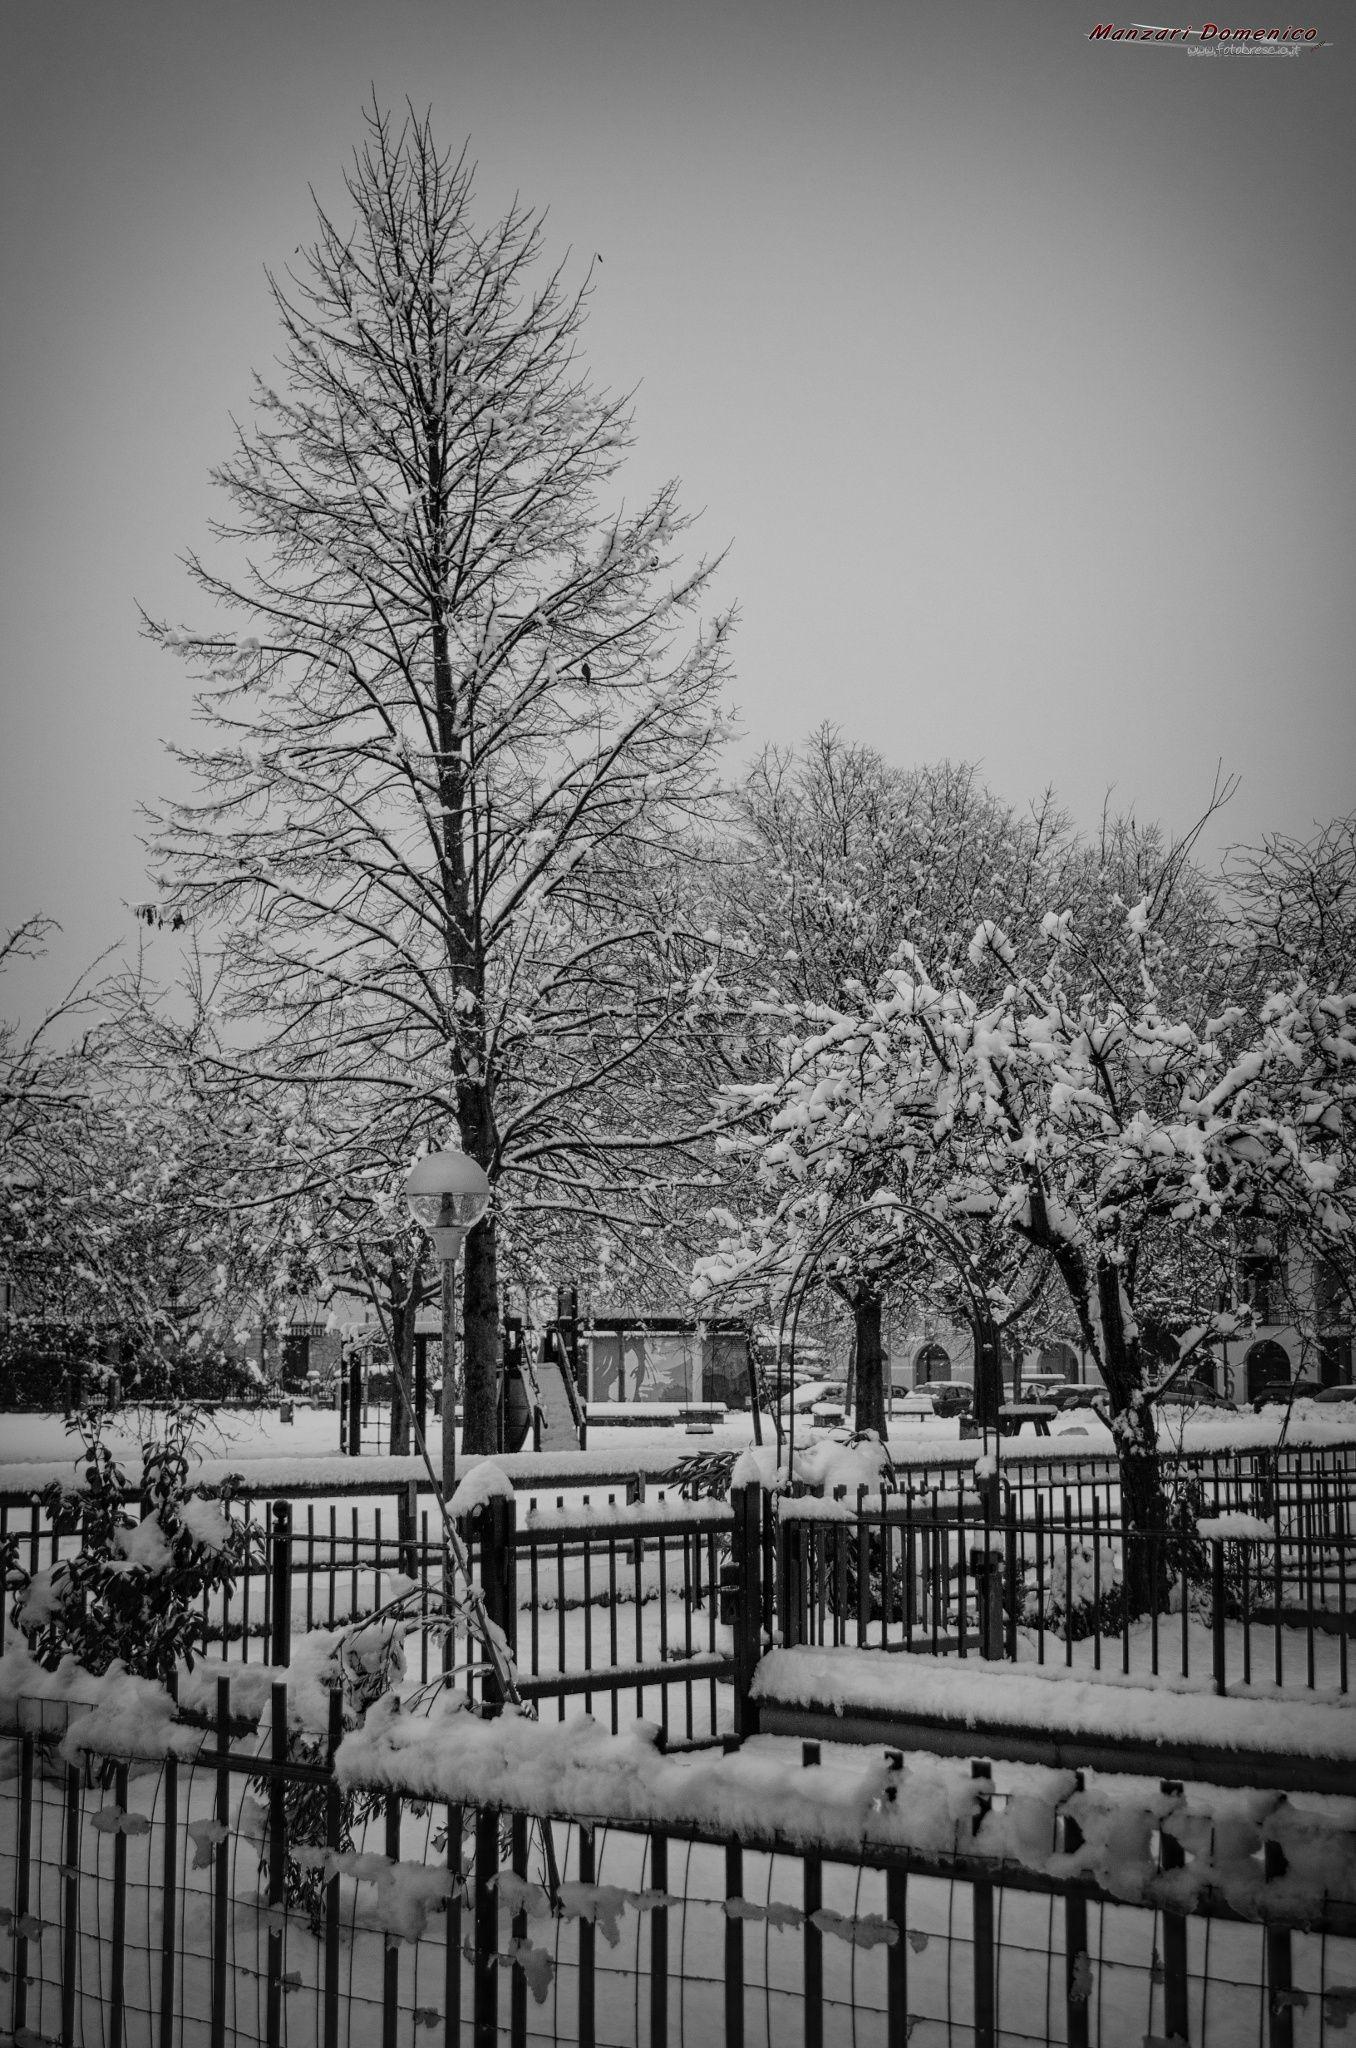 Roncadelle sotto la neve (C)2015 by FotoBrescia Manzari Domenico on 500px